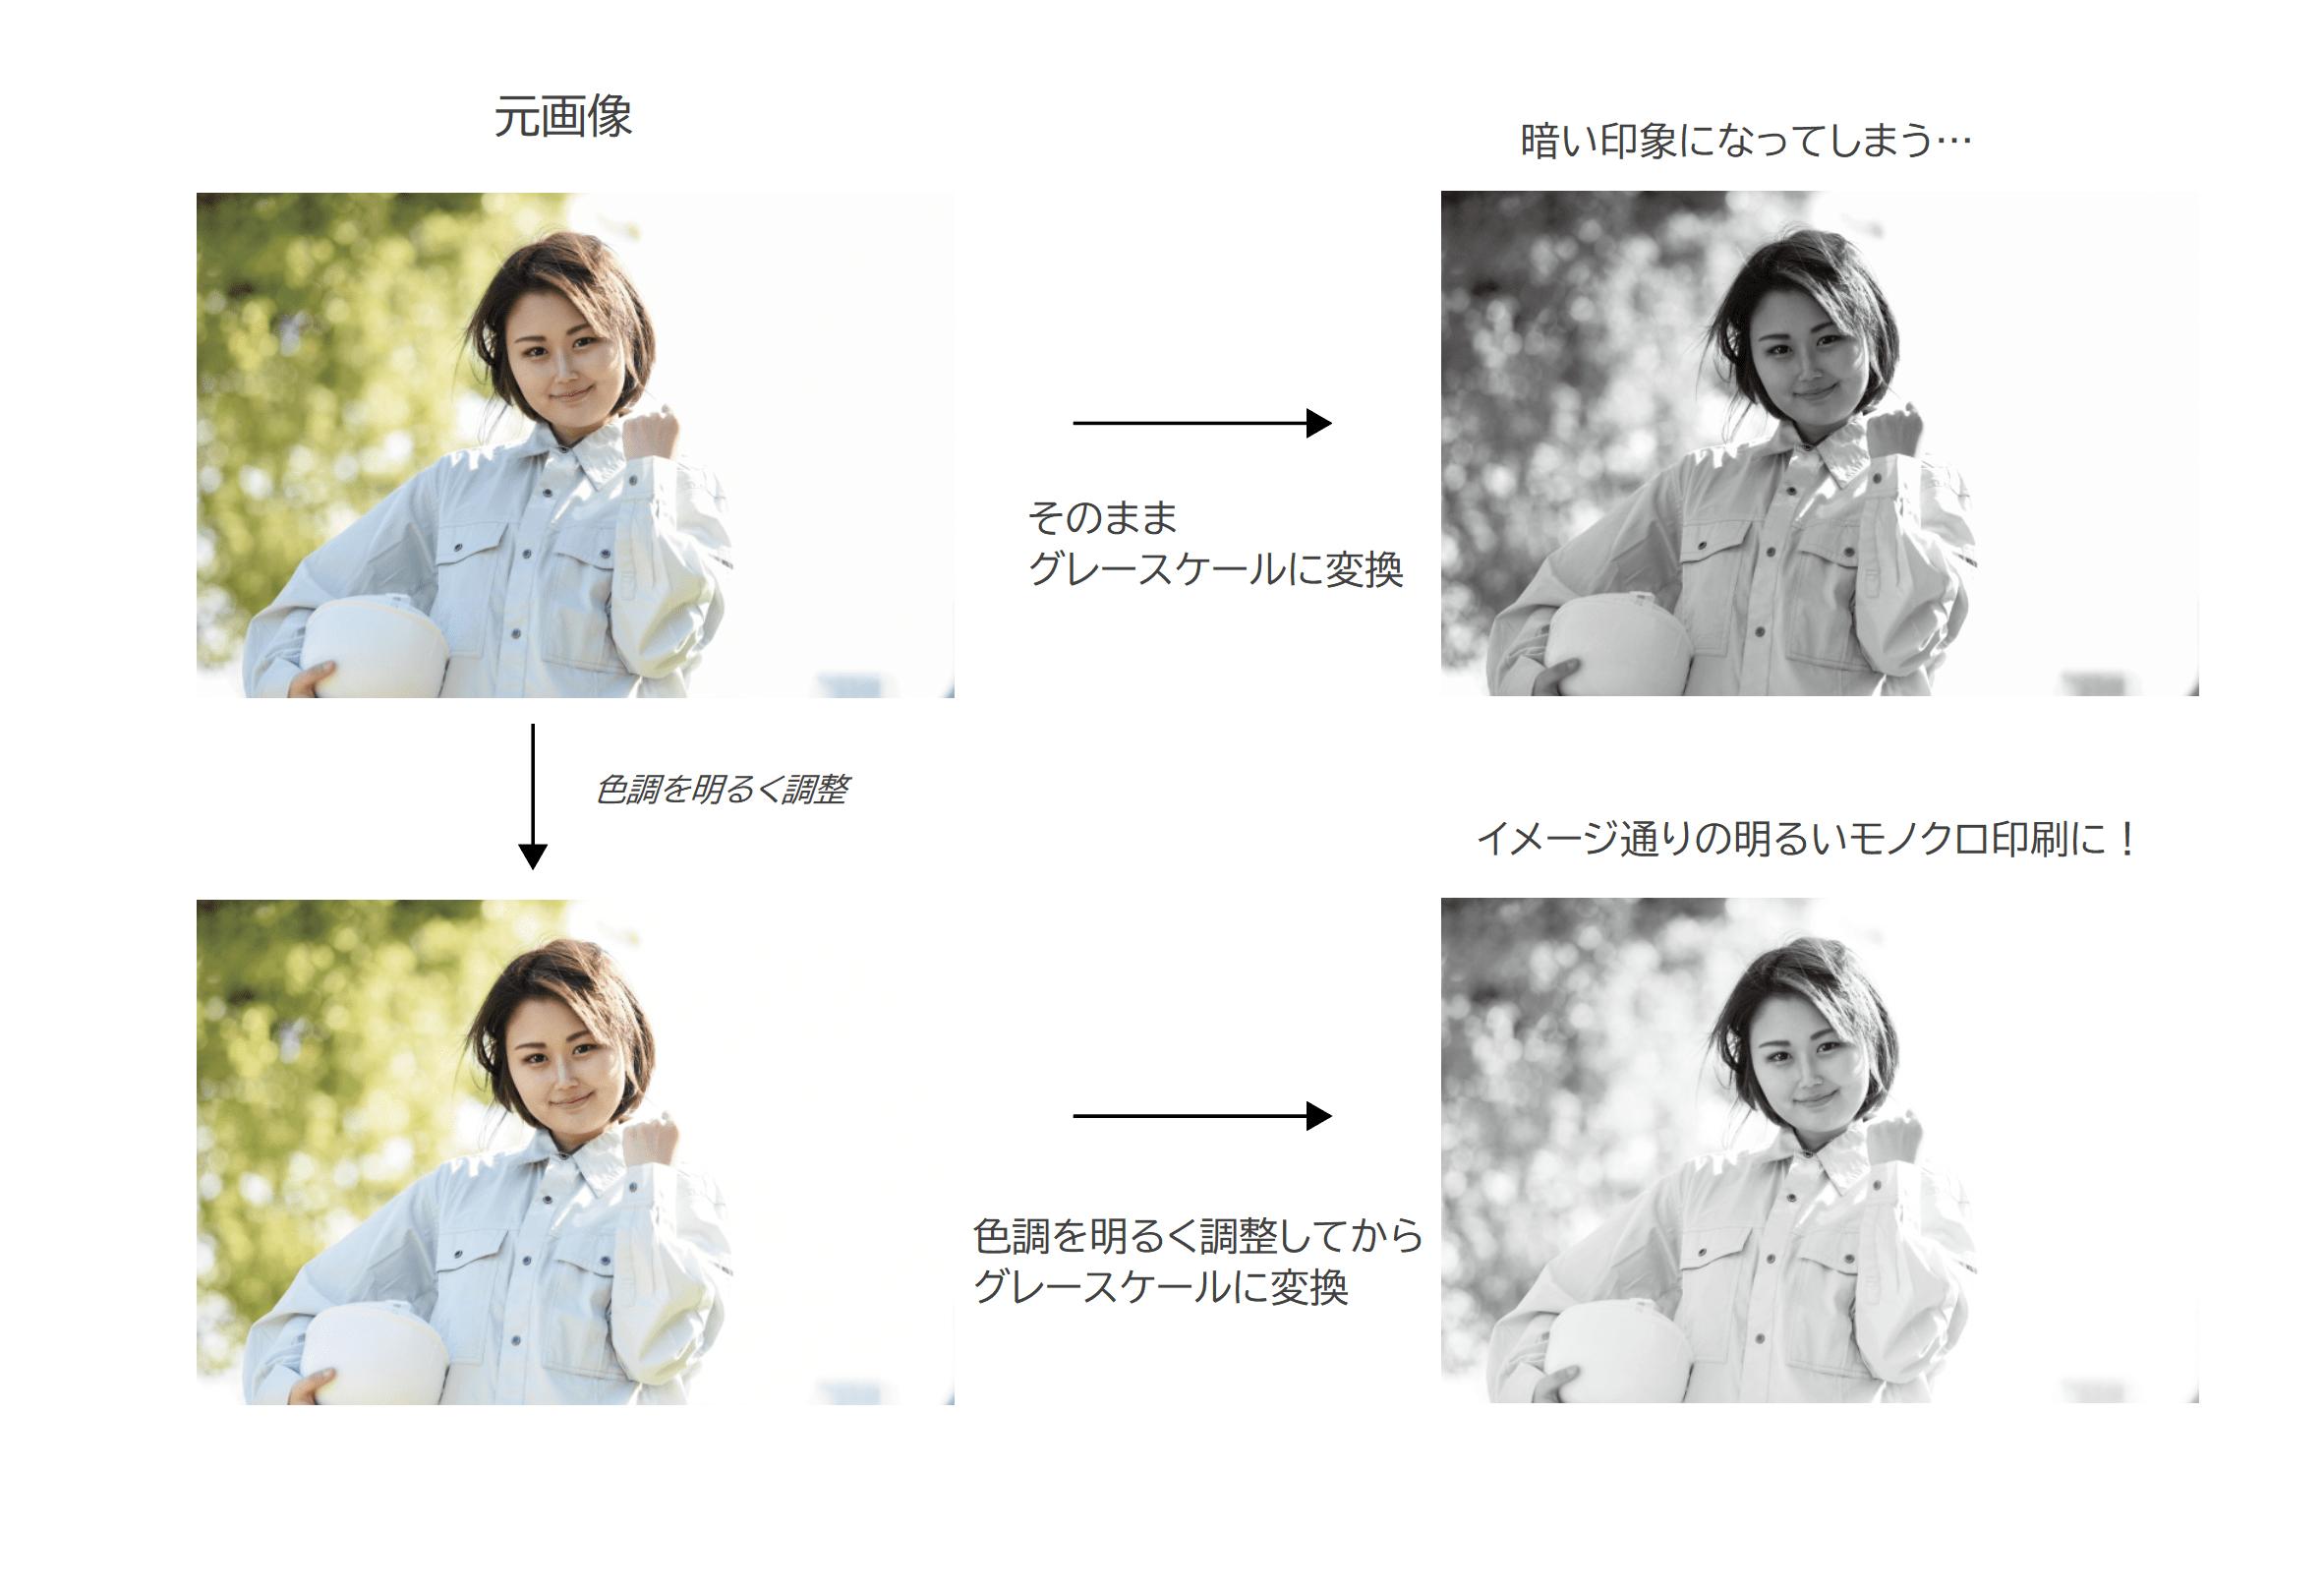 カラー画像をグレースケールに変換